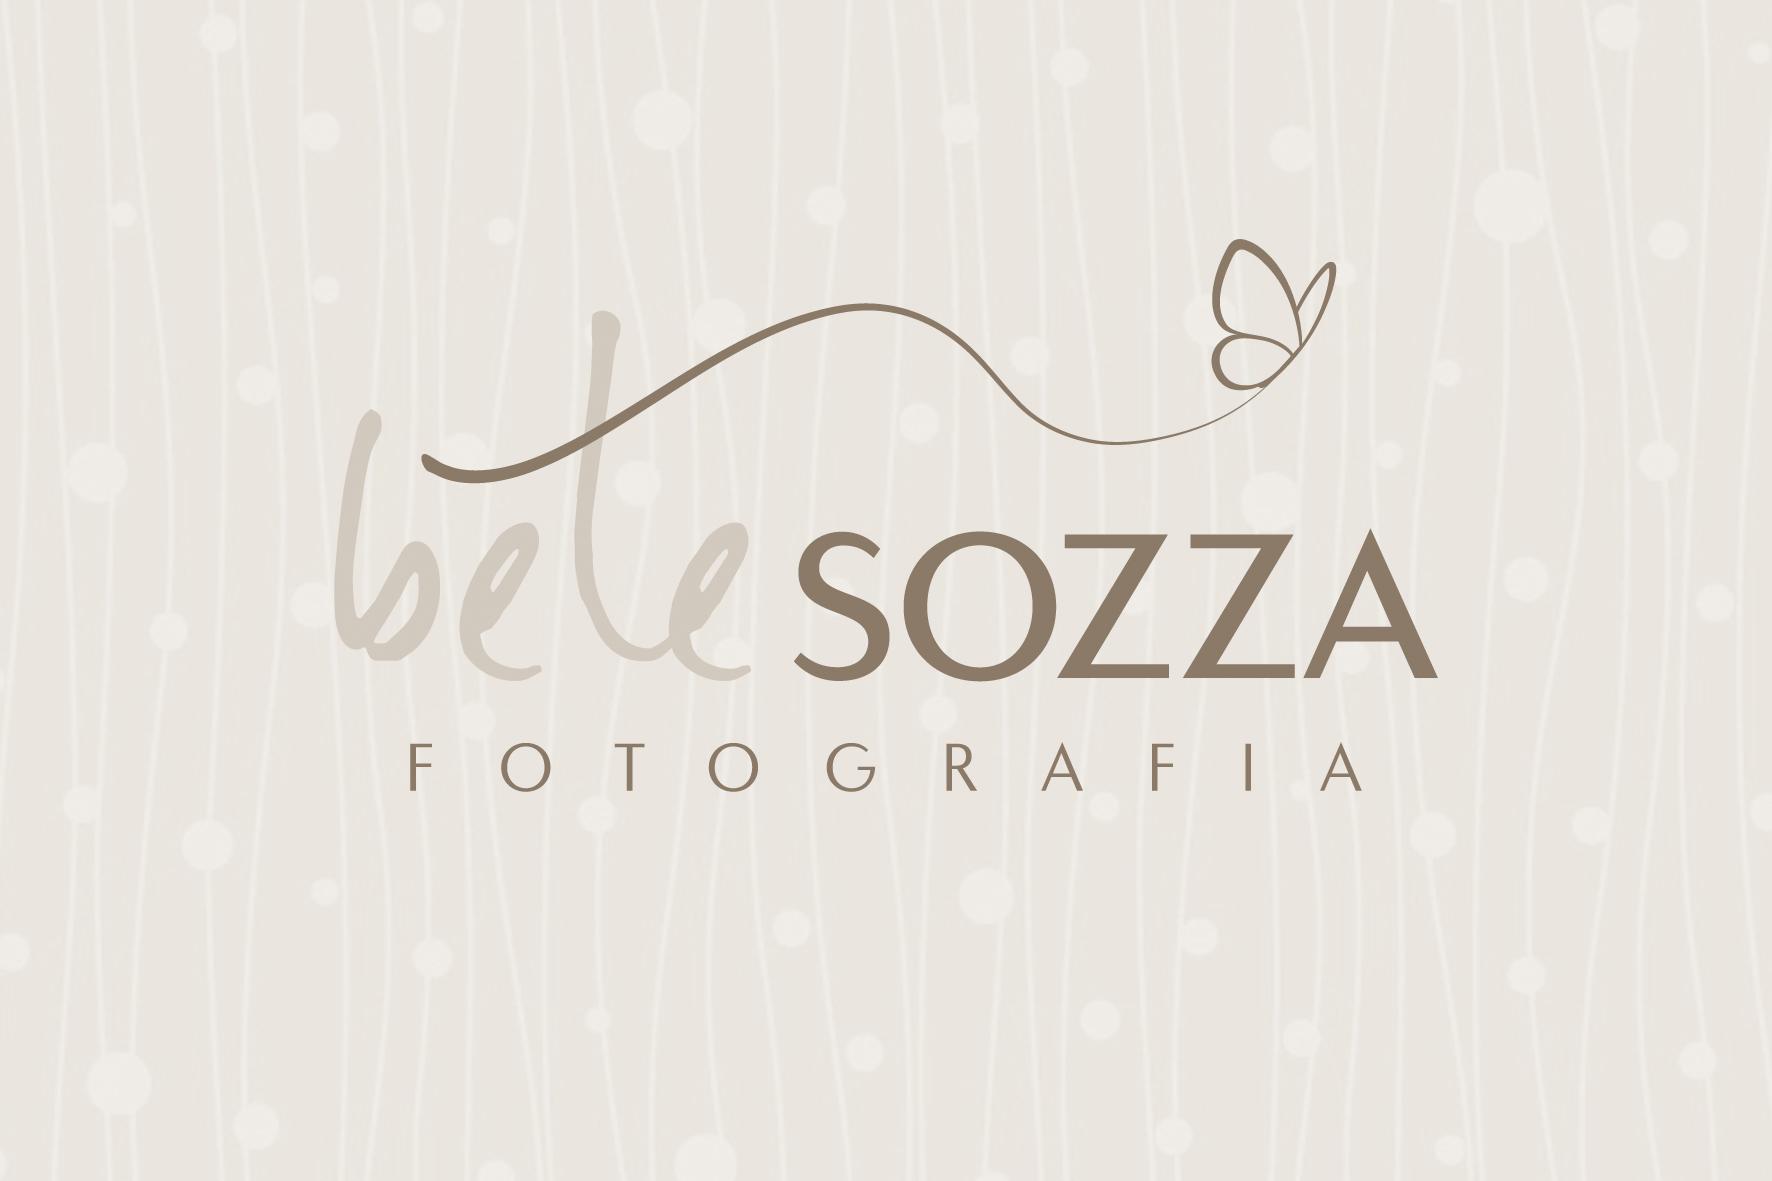 Contate Bete Sozza Fotografia